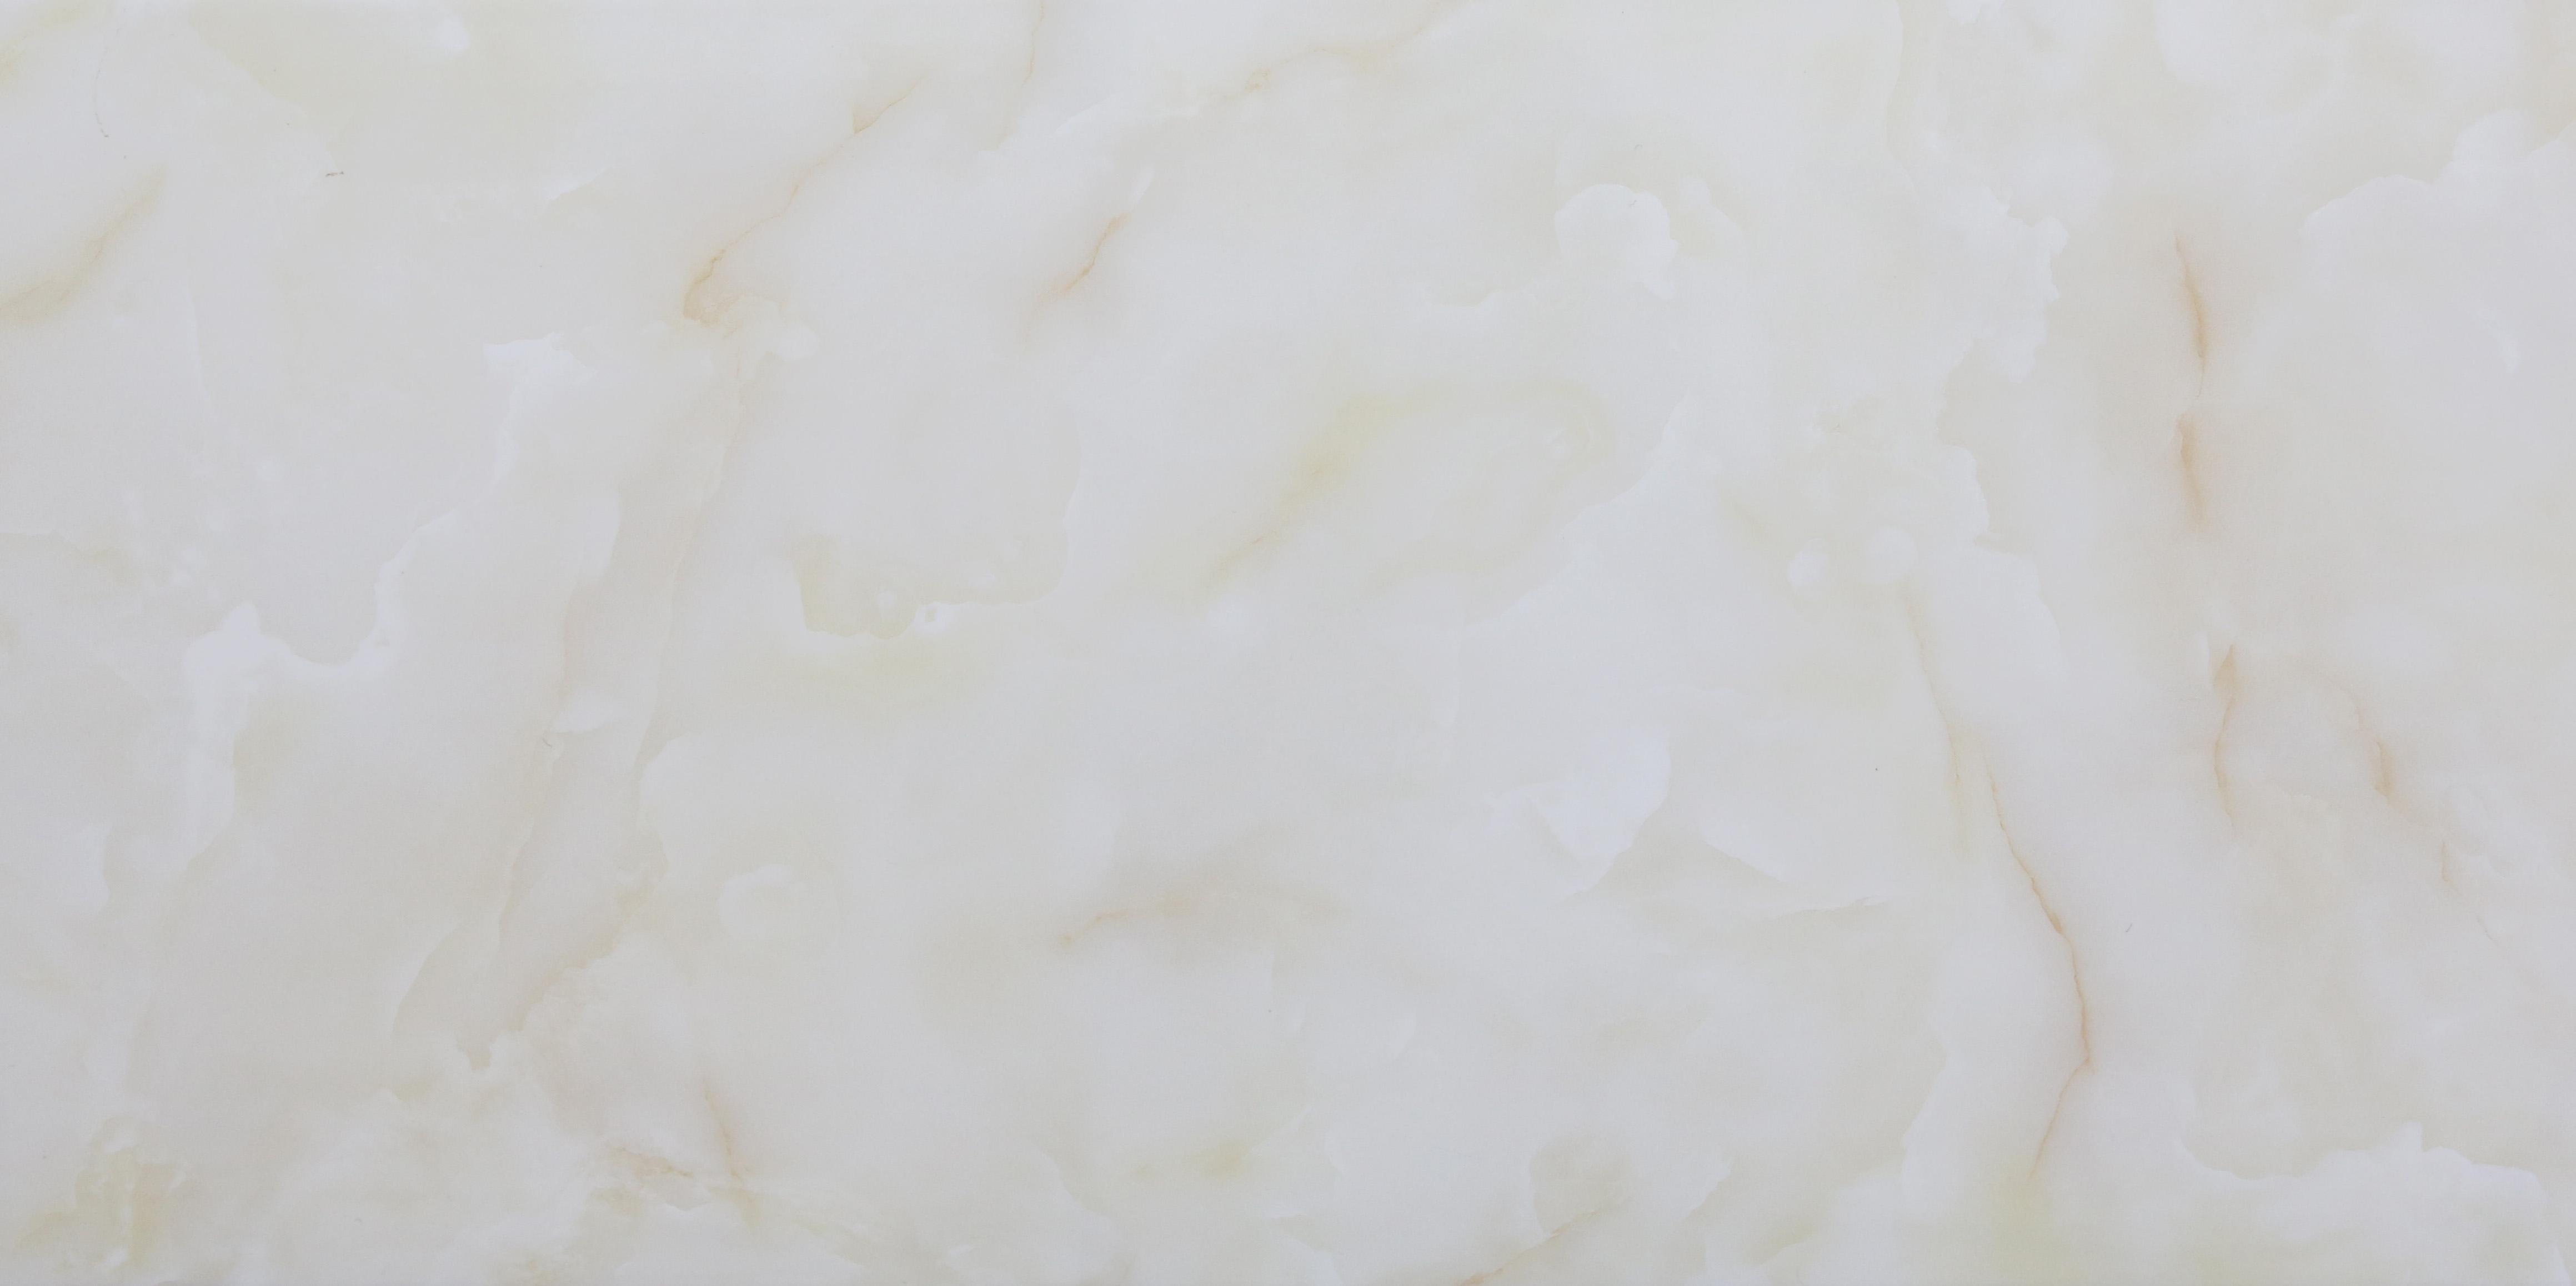 类型:瓷片 本店分类:800X400 规格:800x400 适用范围:墙地砖 适用风格:中式,美式,欧式,日韩,地中海,现代,简约,古典,田园 --> 适用空间:室内,厨卫,阳台,内墙,外墙,广场砖 -->